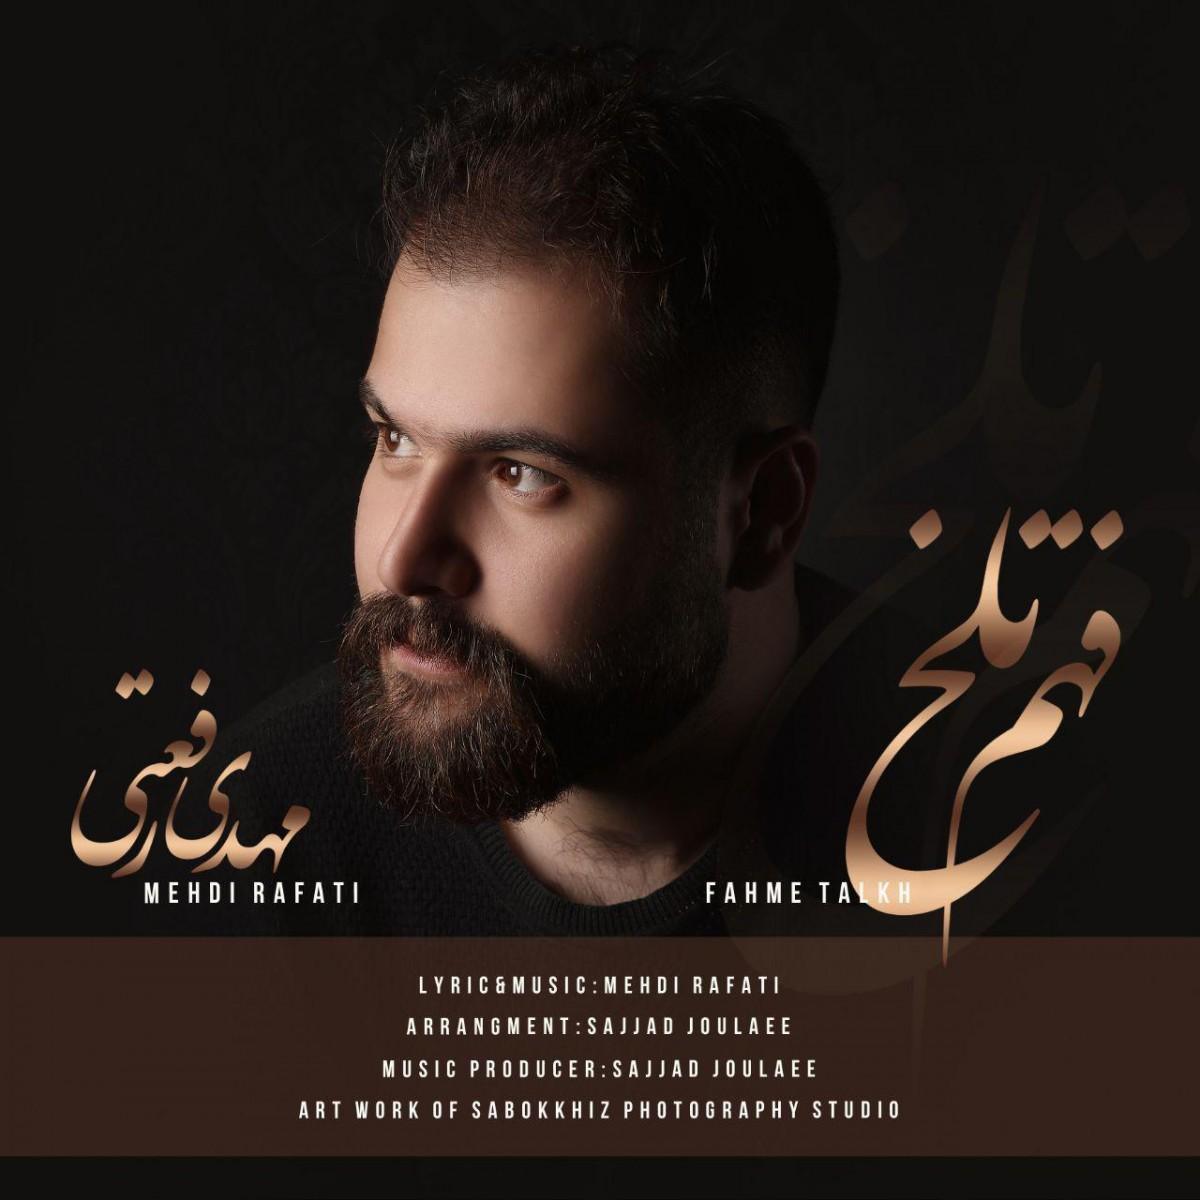 نامبر وان موزیک | دانلود آهنگ جدید Mehdi-Rafati-Fahme-Talkh